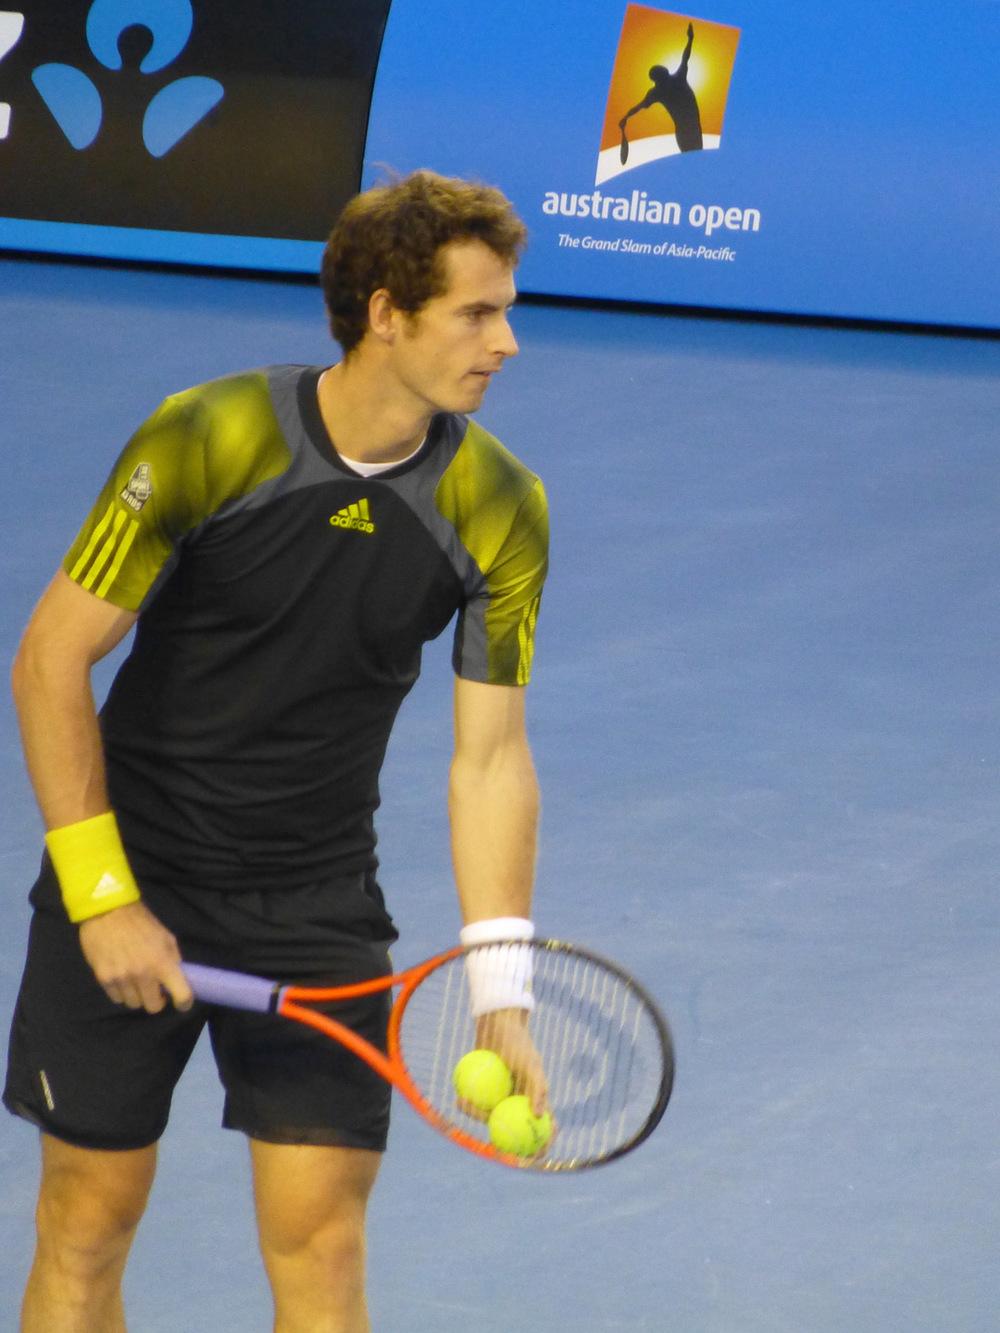 tennis-match20.jpg